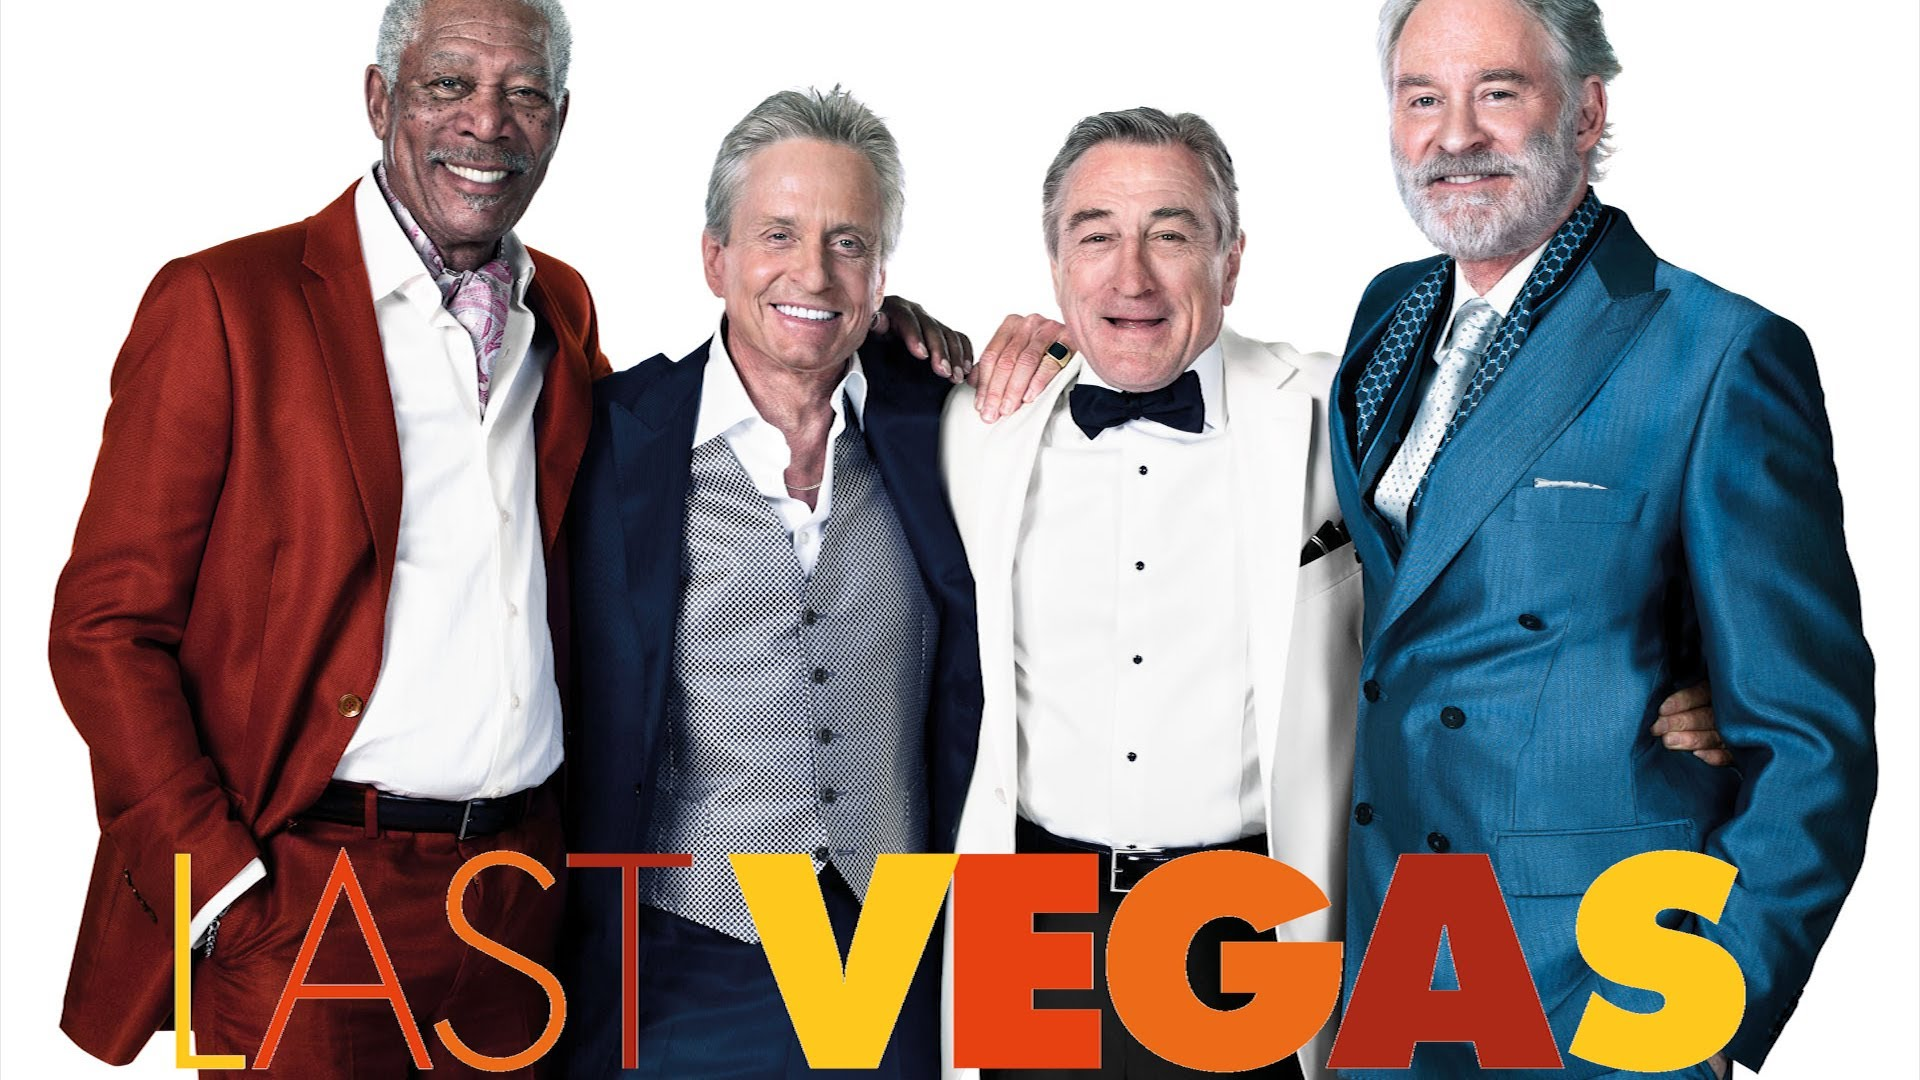 Last Vegas 2